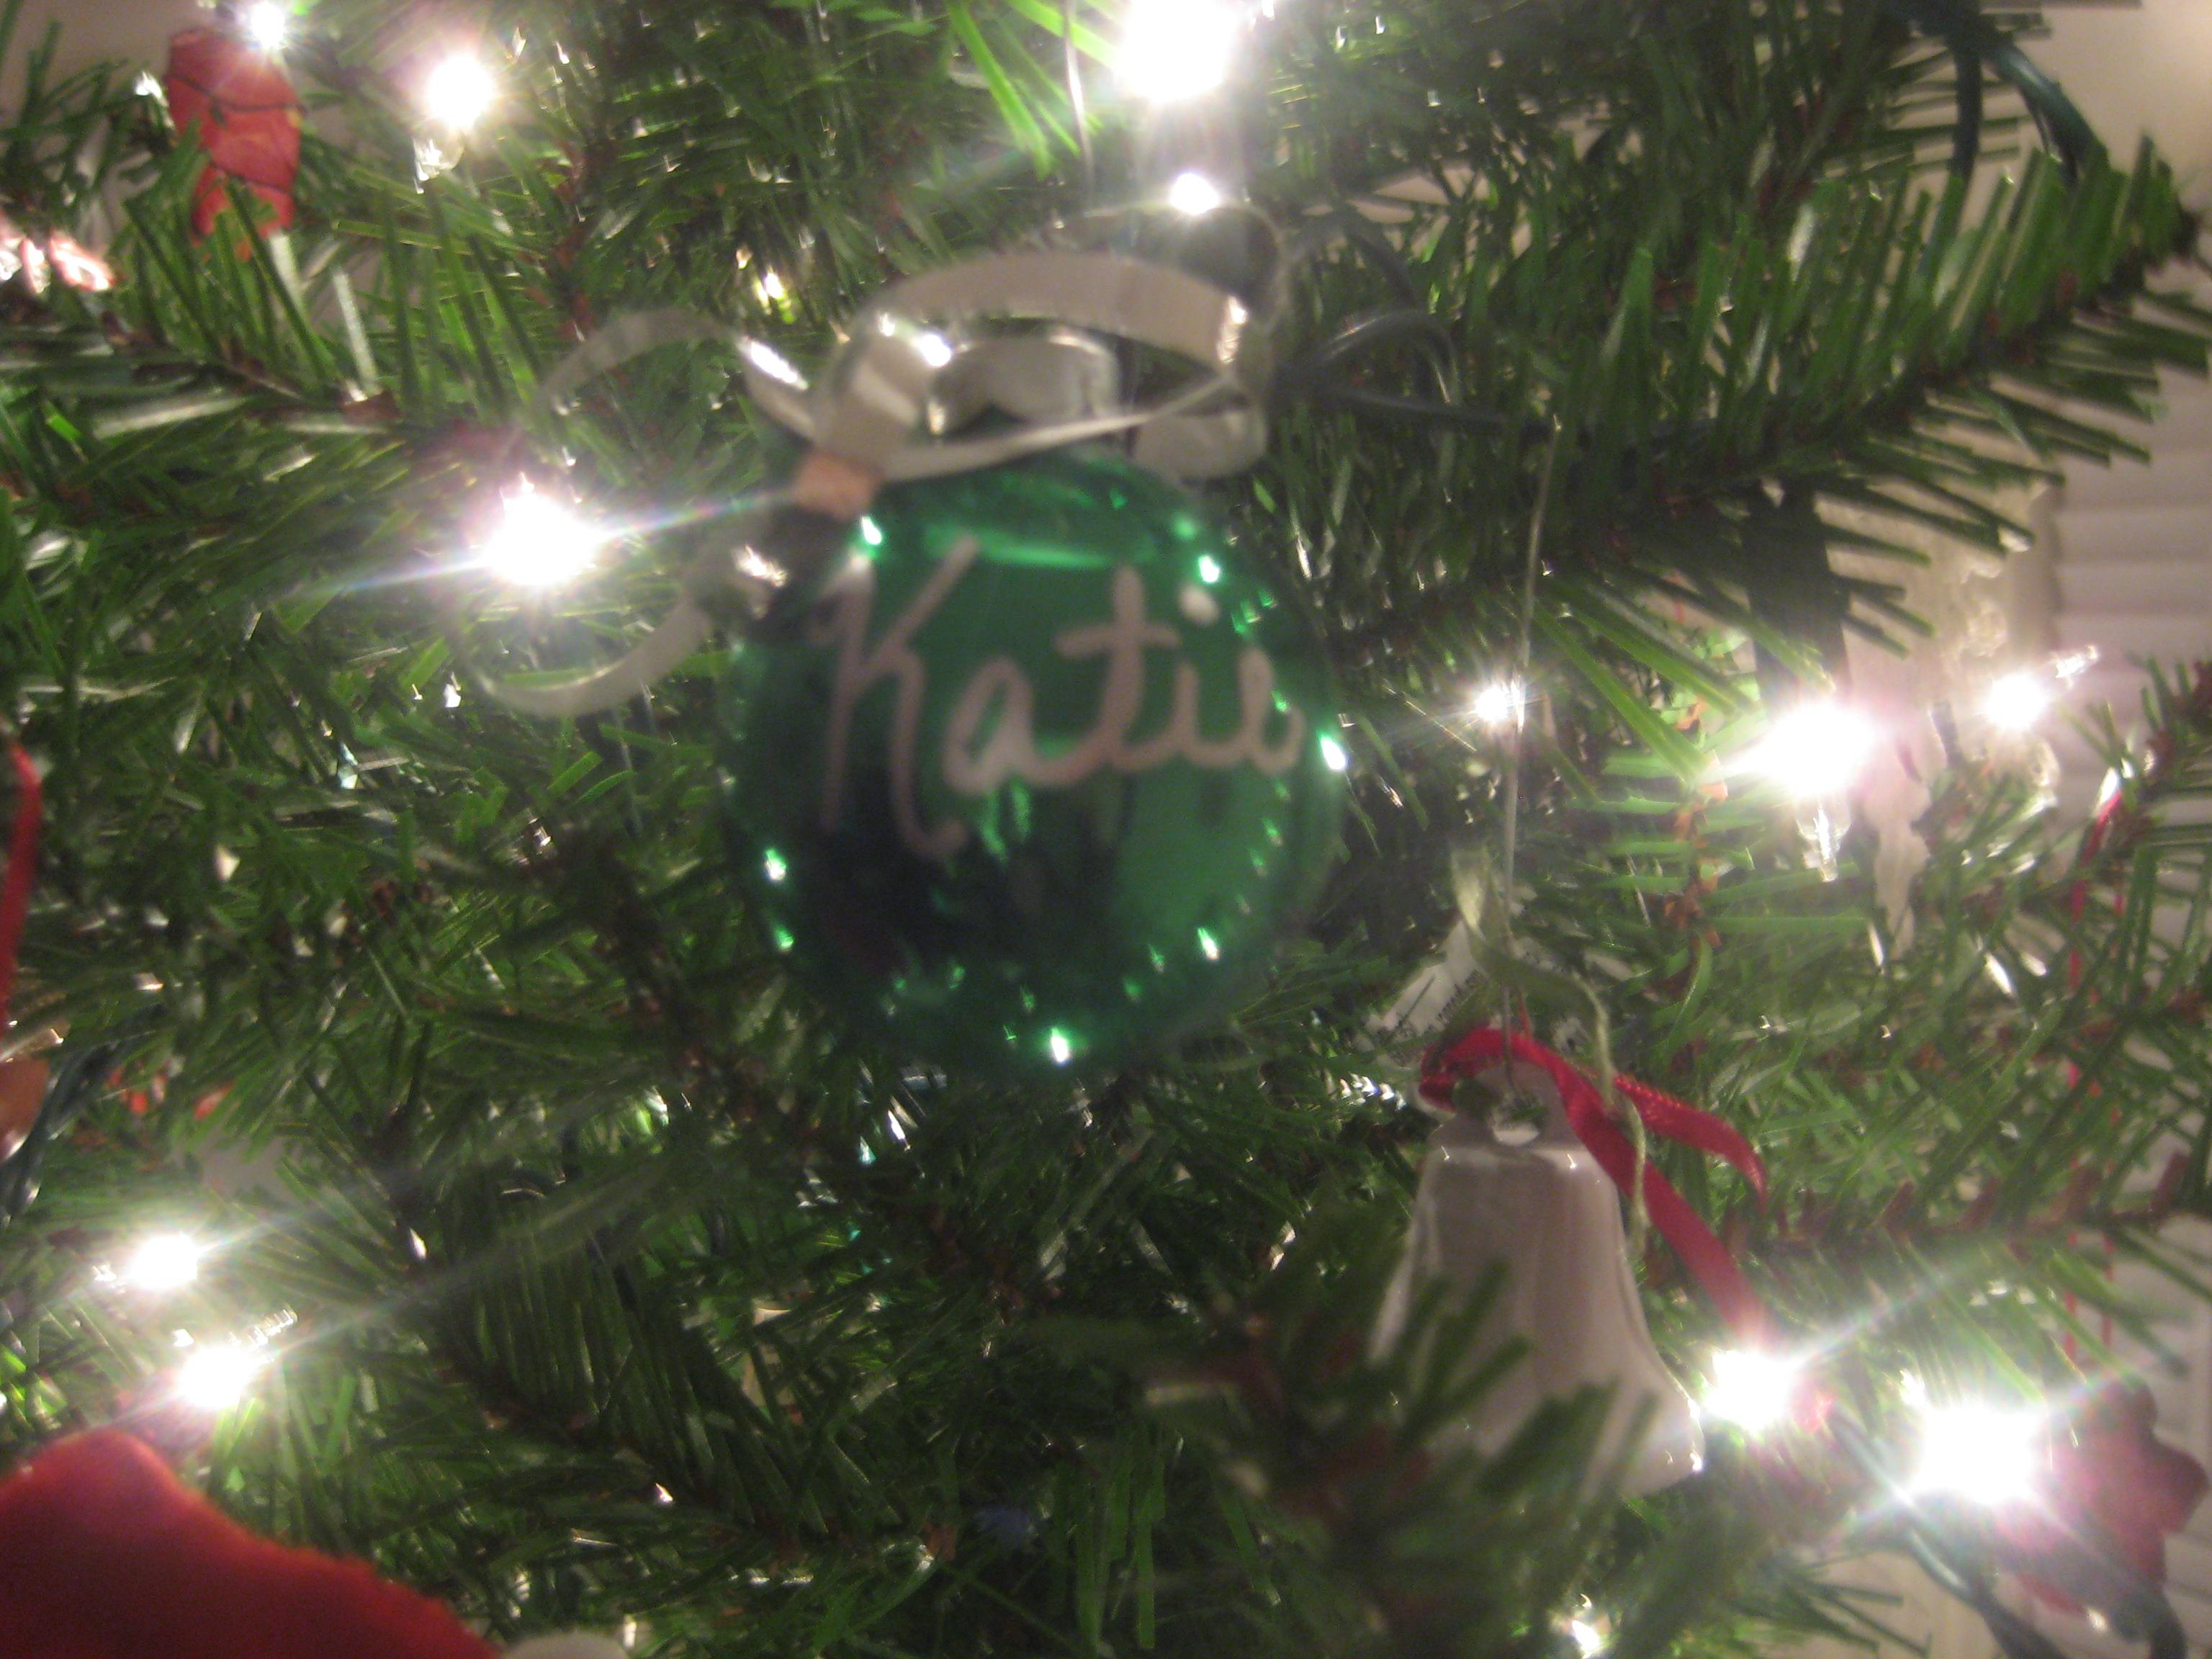 green christmas ball ornament